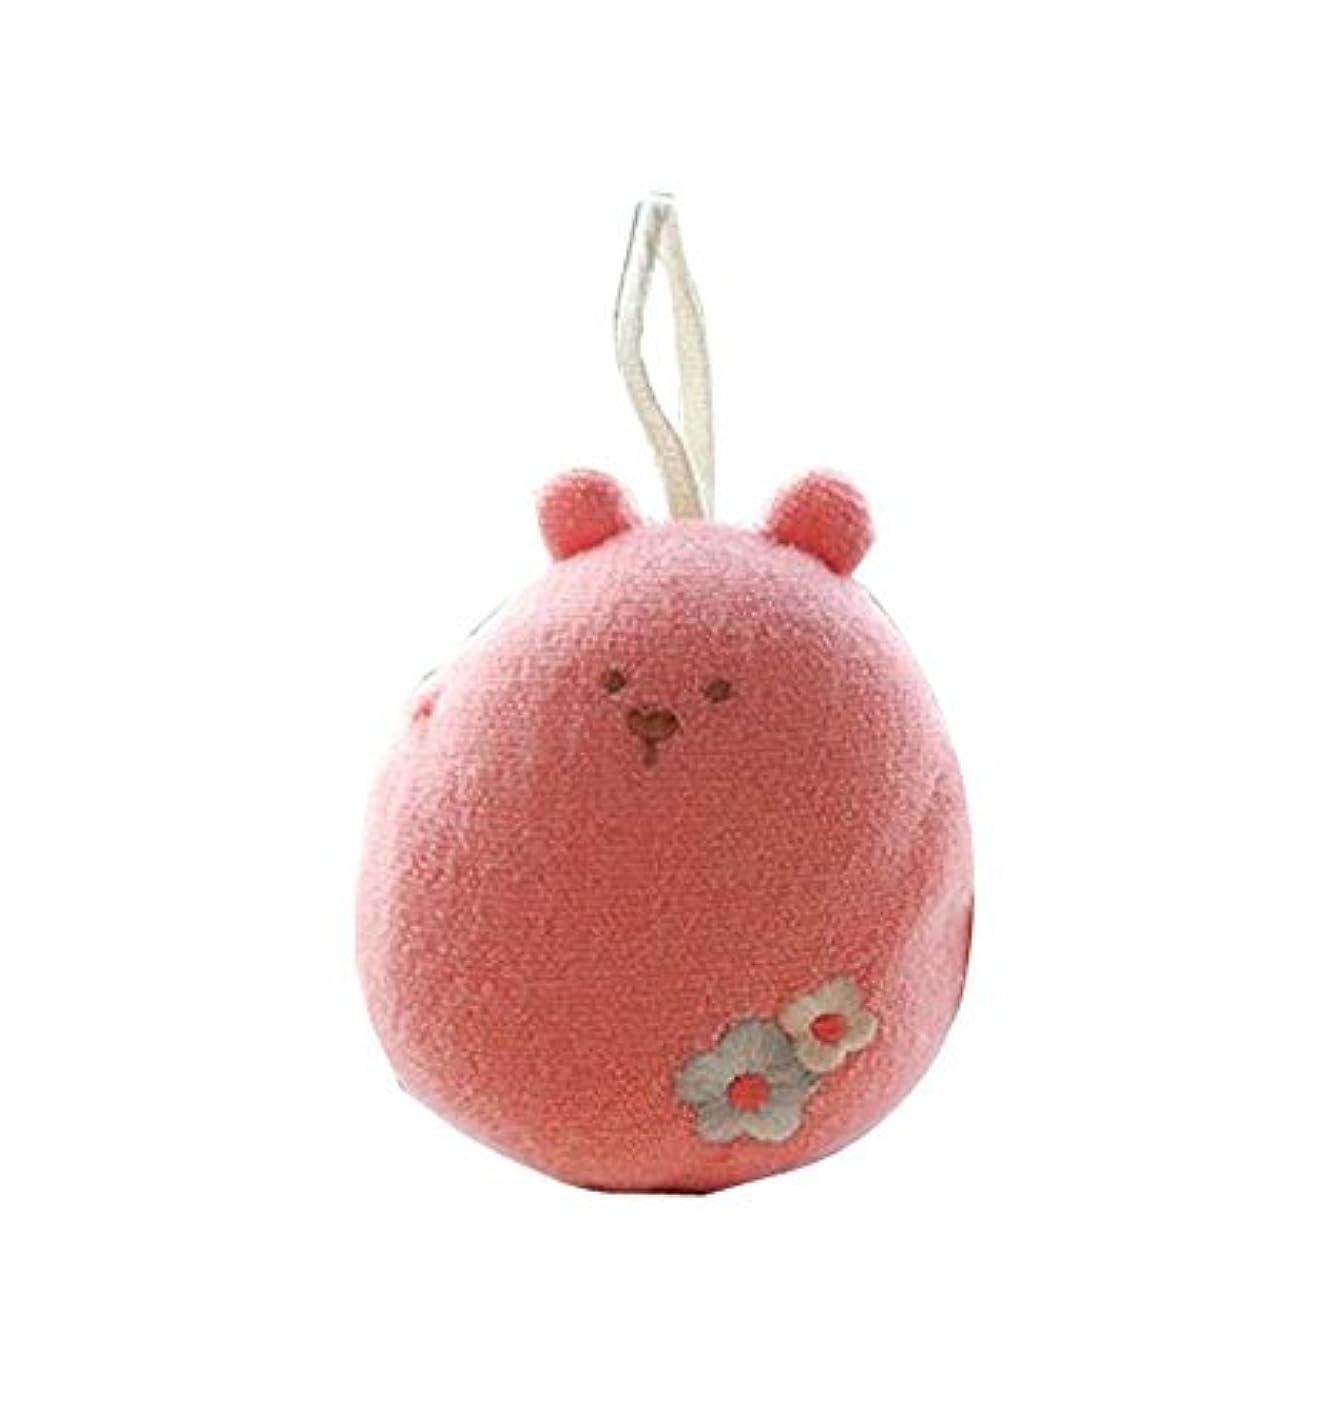 代表突進真珠のような柔らかくて丈夫な新しいベビーバスボールバスタオルベビーバススポンジ、ピンク